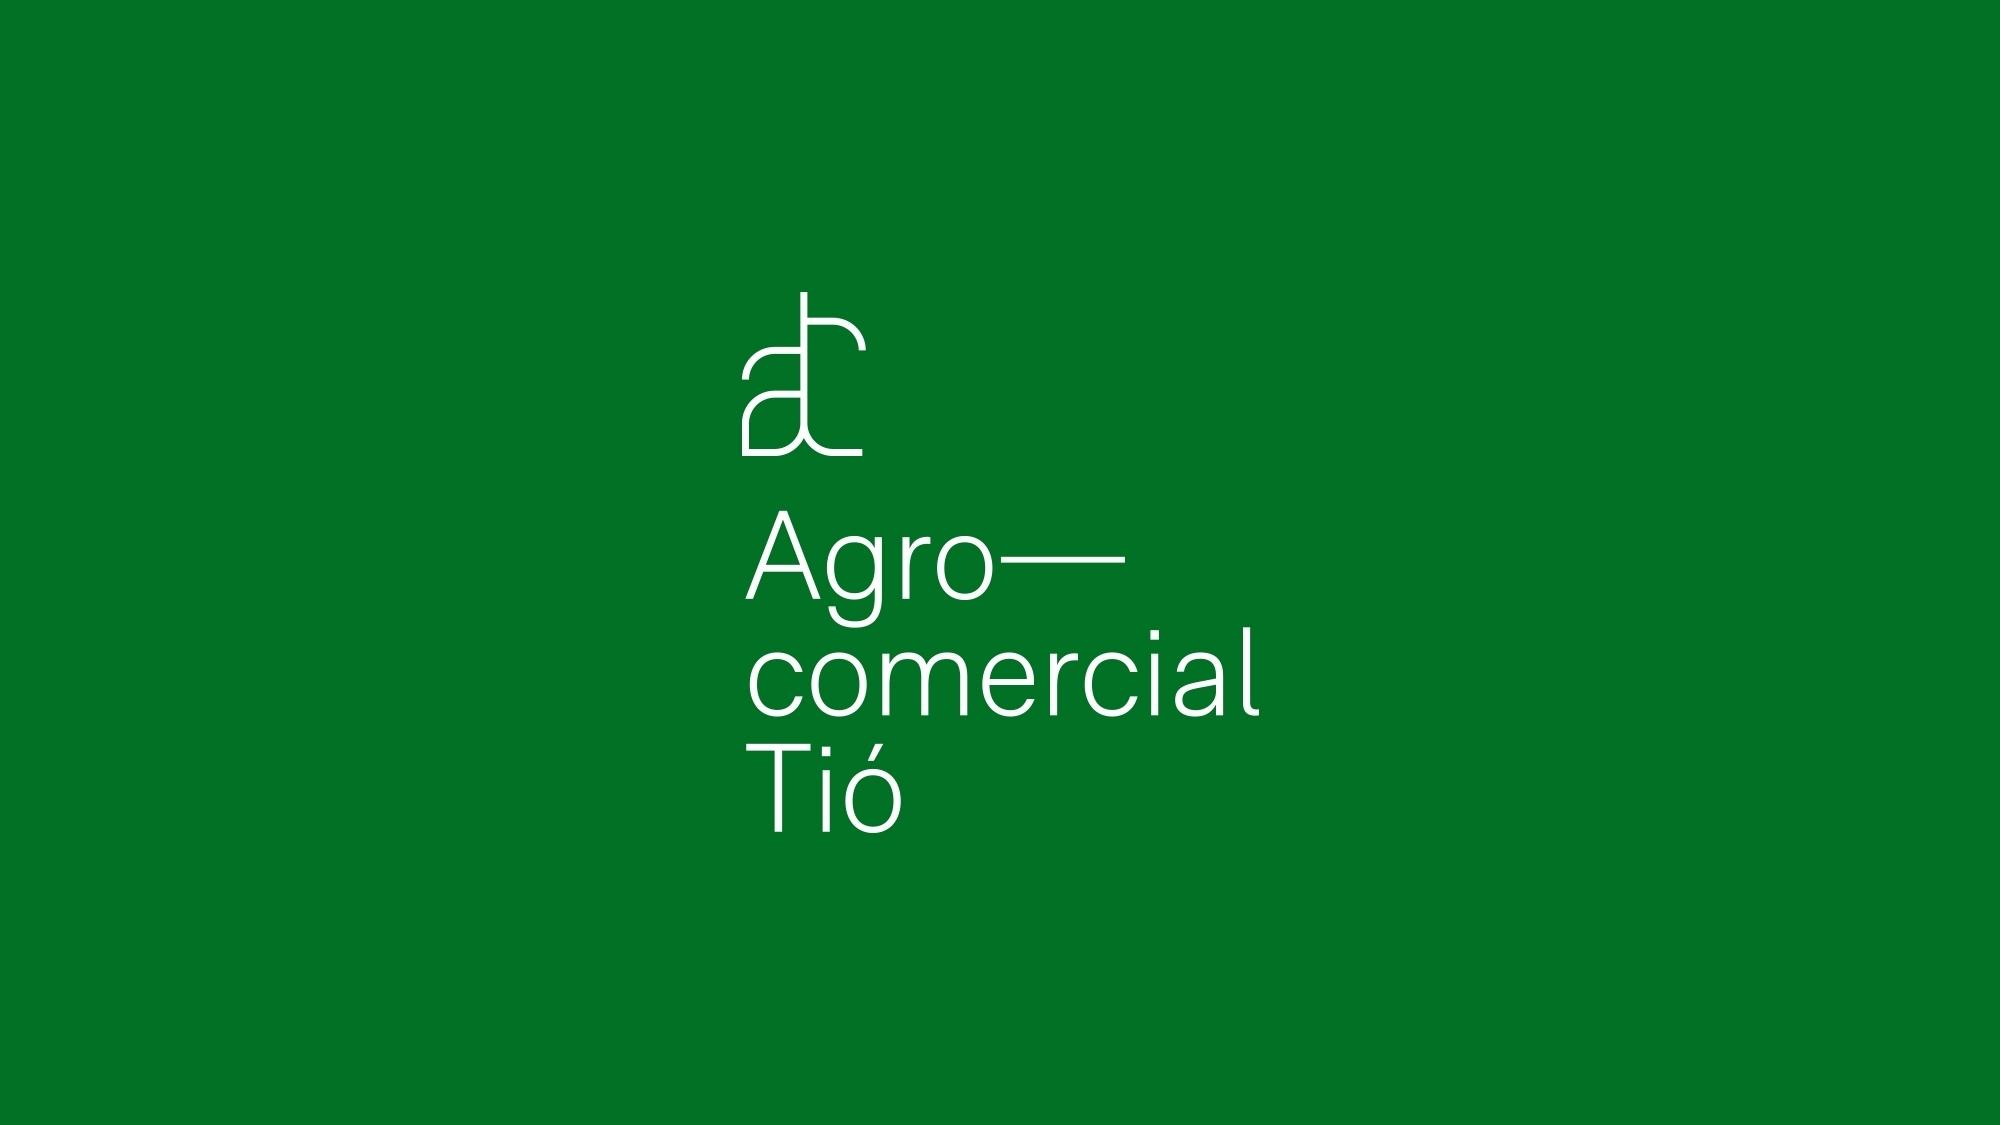 Alucina - AgroTio - Logo